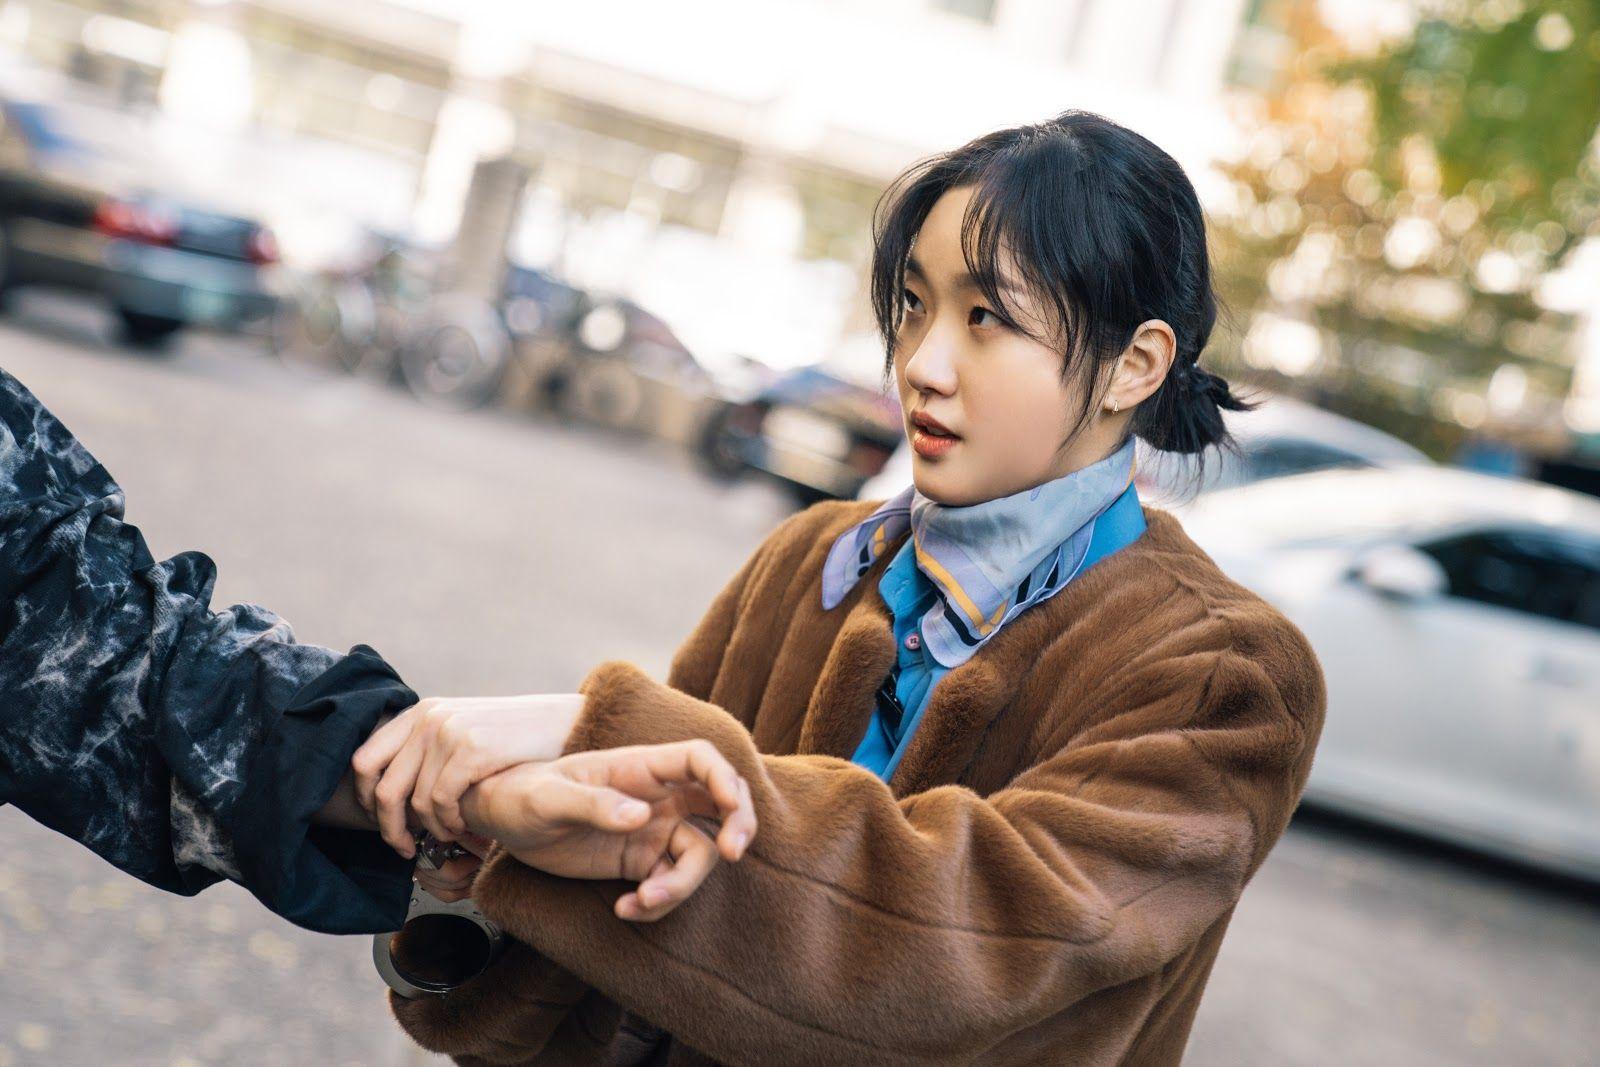 Deretan Gaya Artis yang Pernah Jadi 'Pacar' Lee Min Ho di Drama Korea